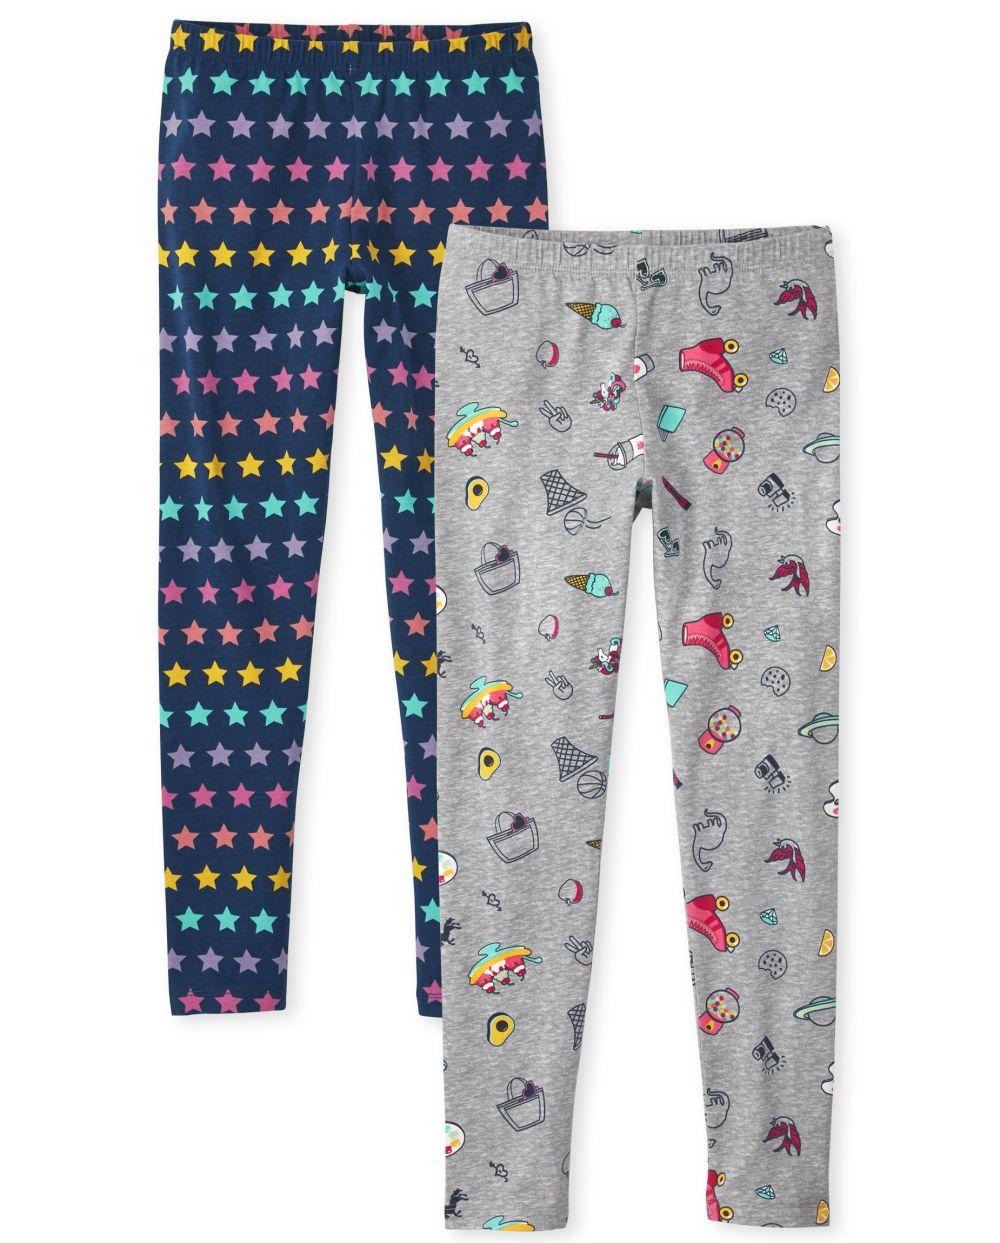 Girls Print Leggings 2-Pack - Gray